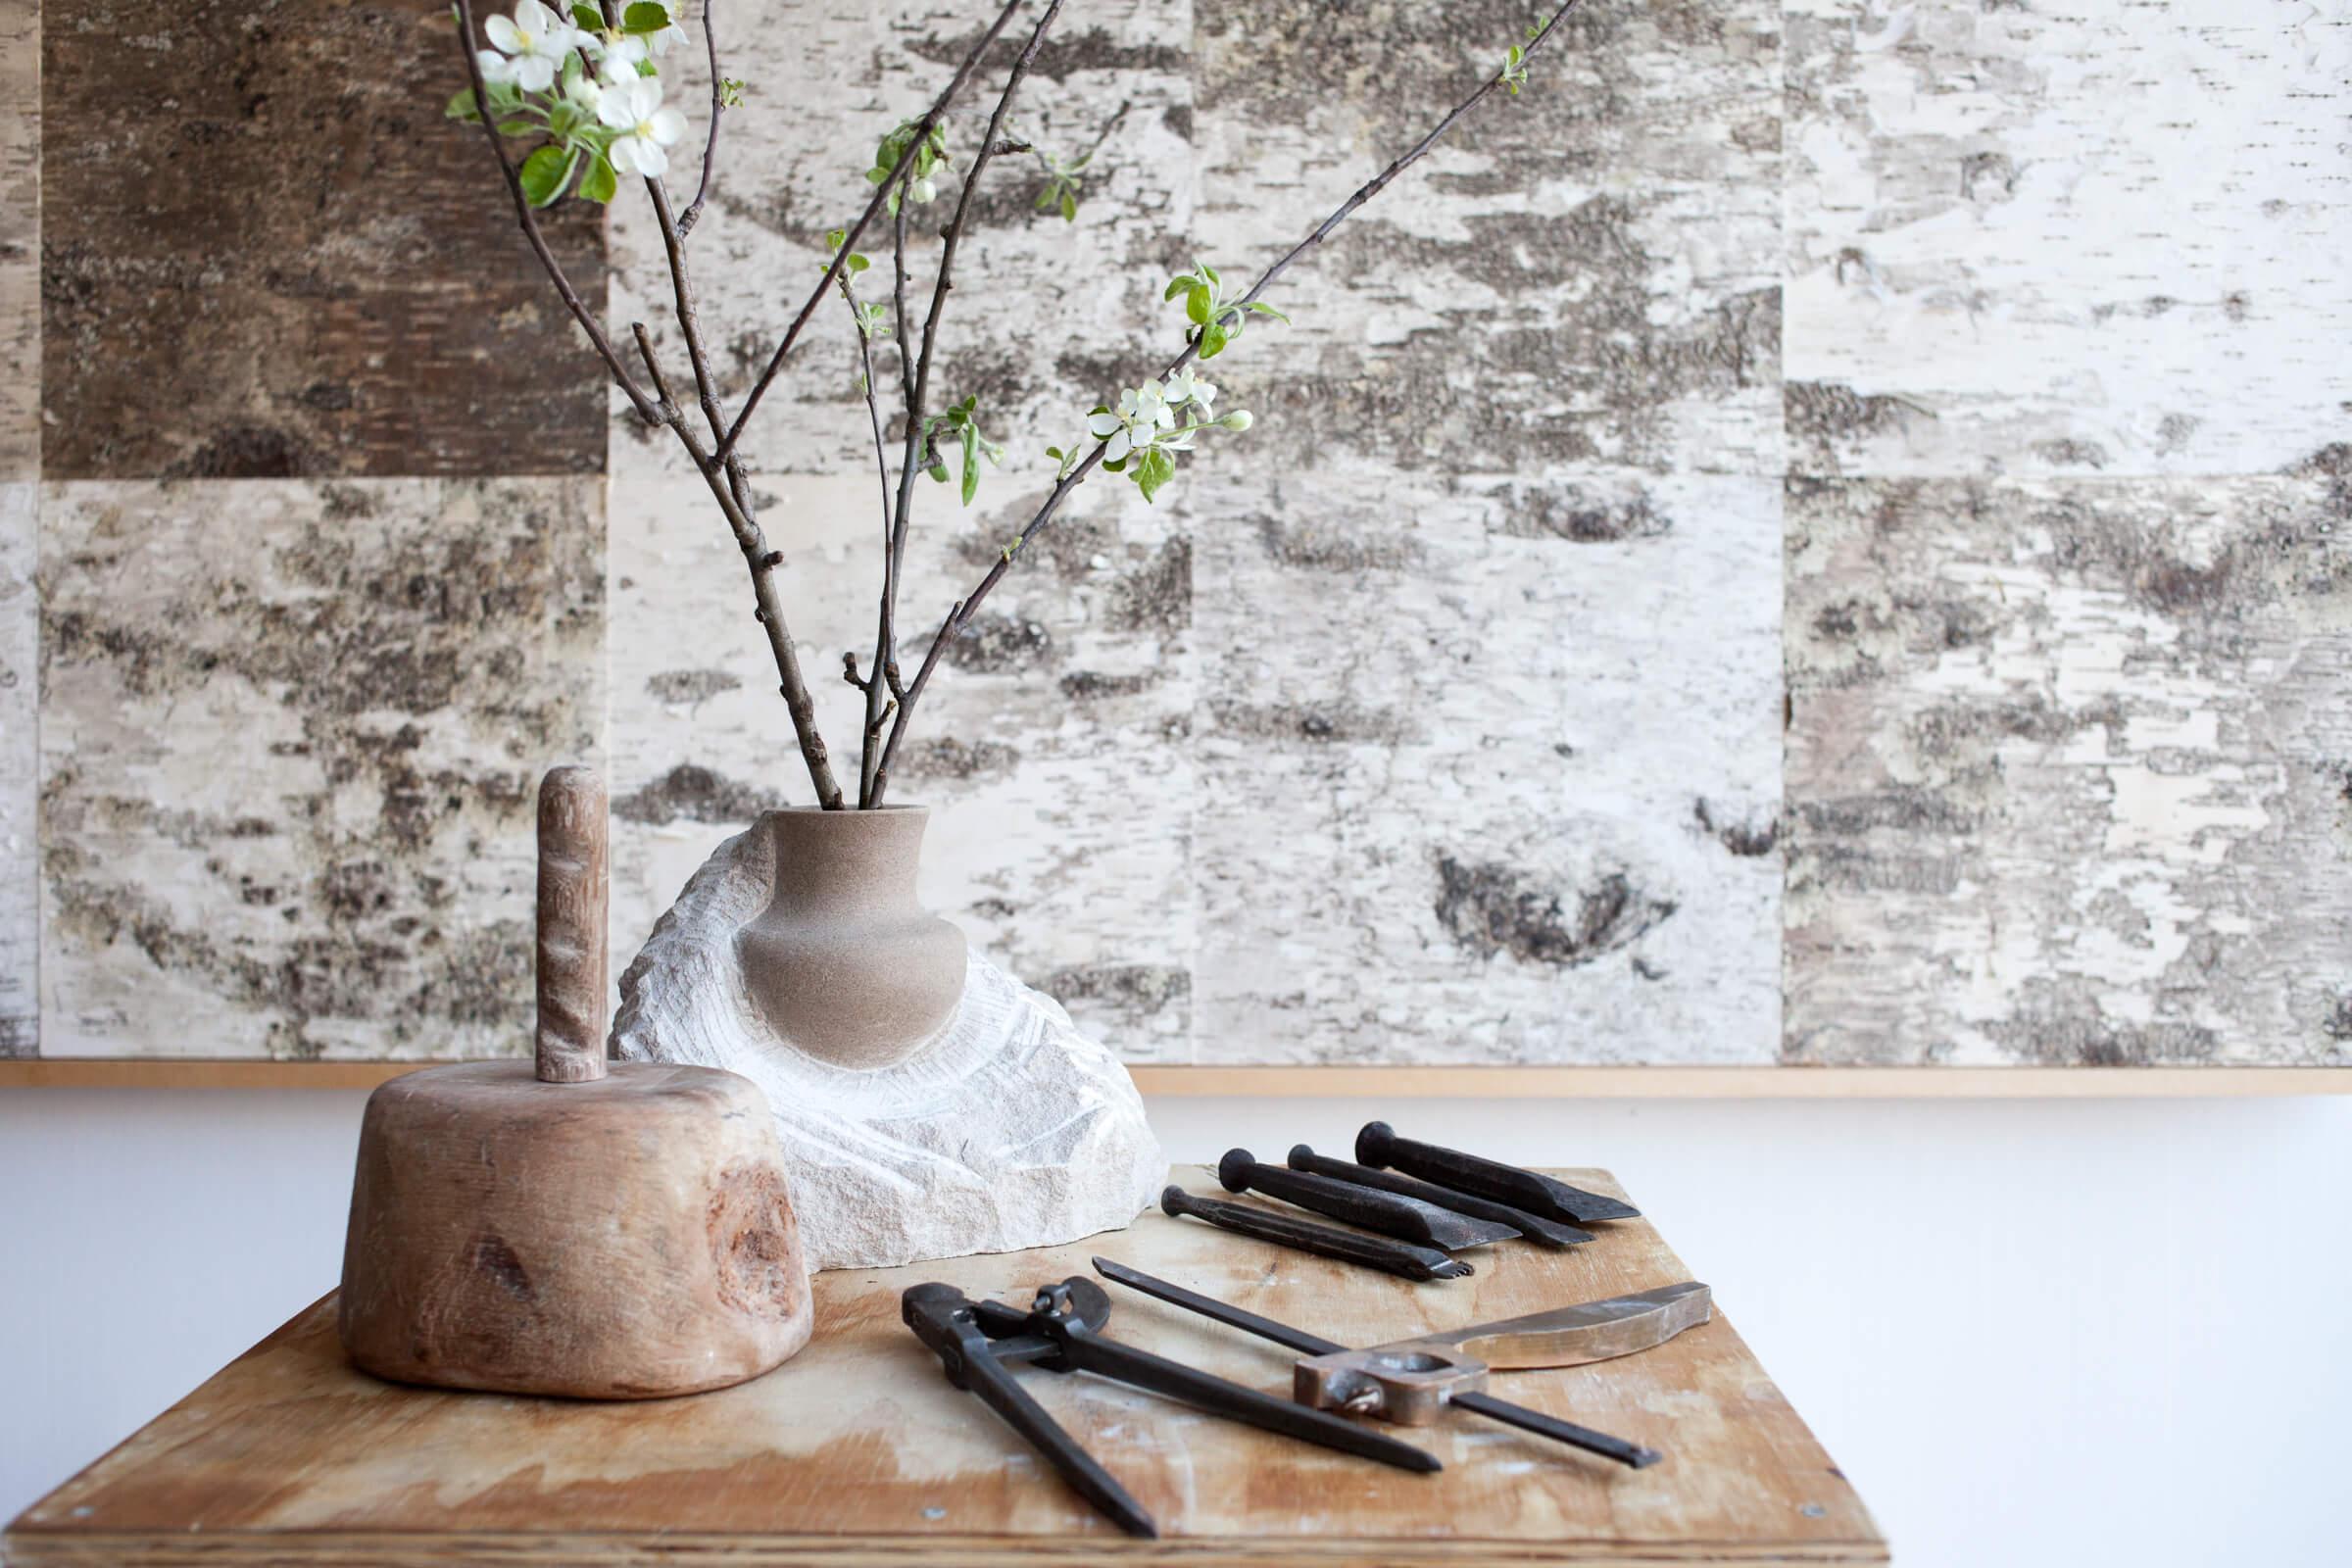 brian-richer-castor-mjolk-exhibition-2018-14